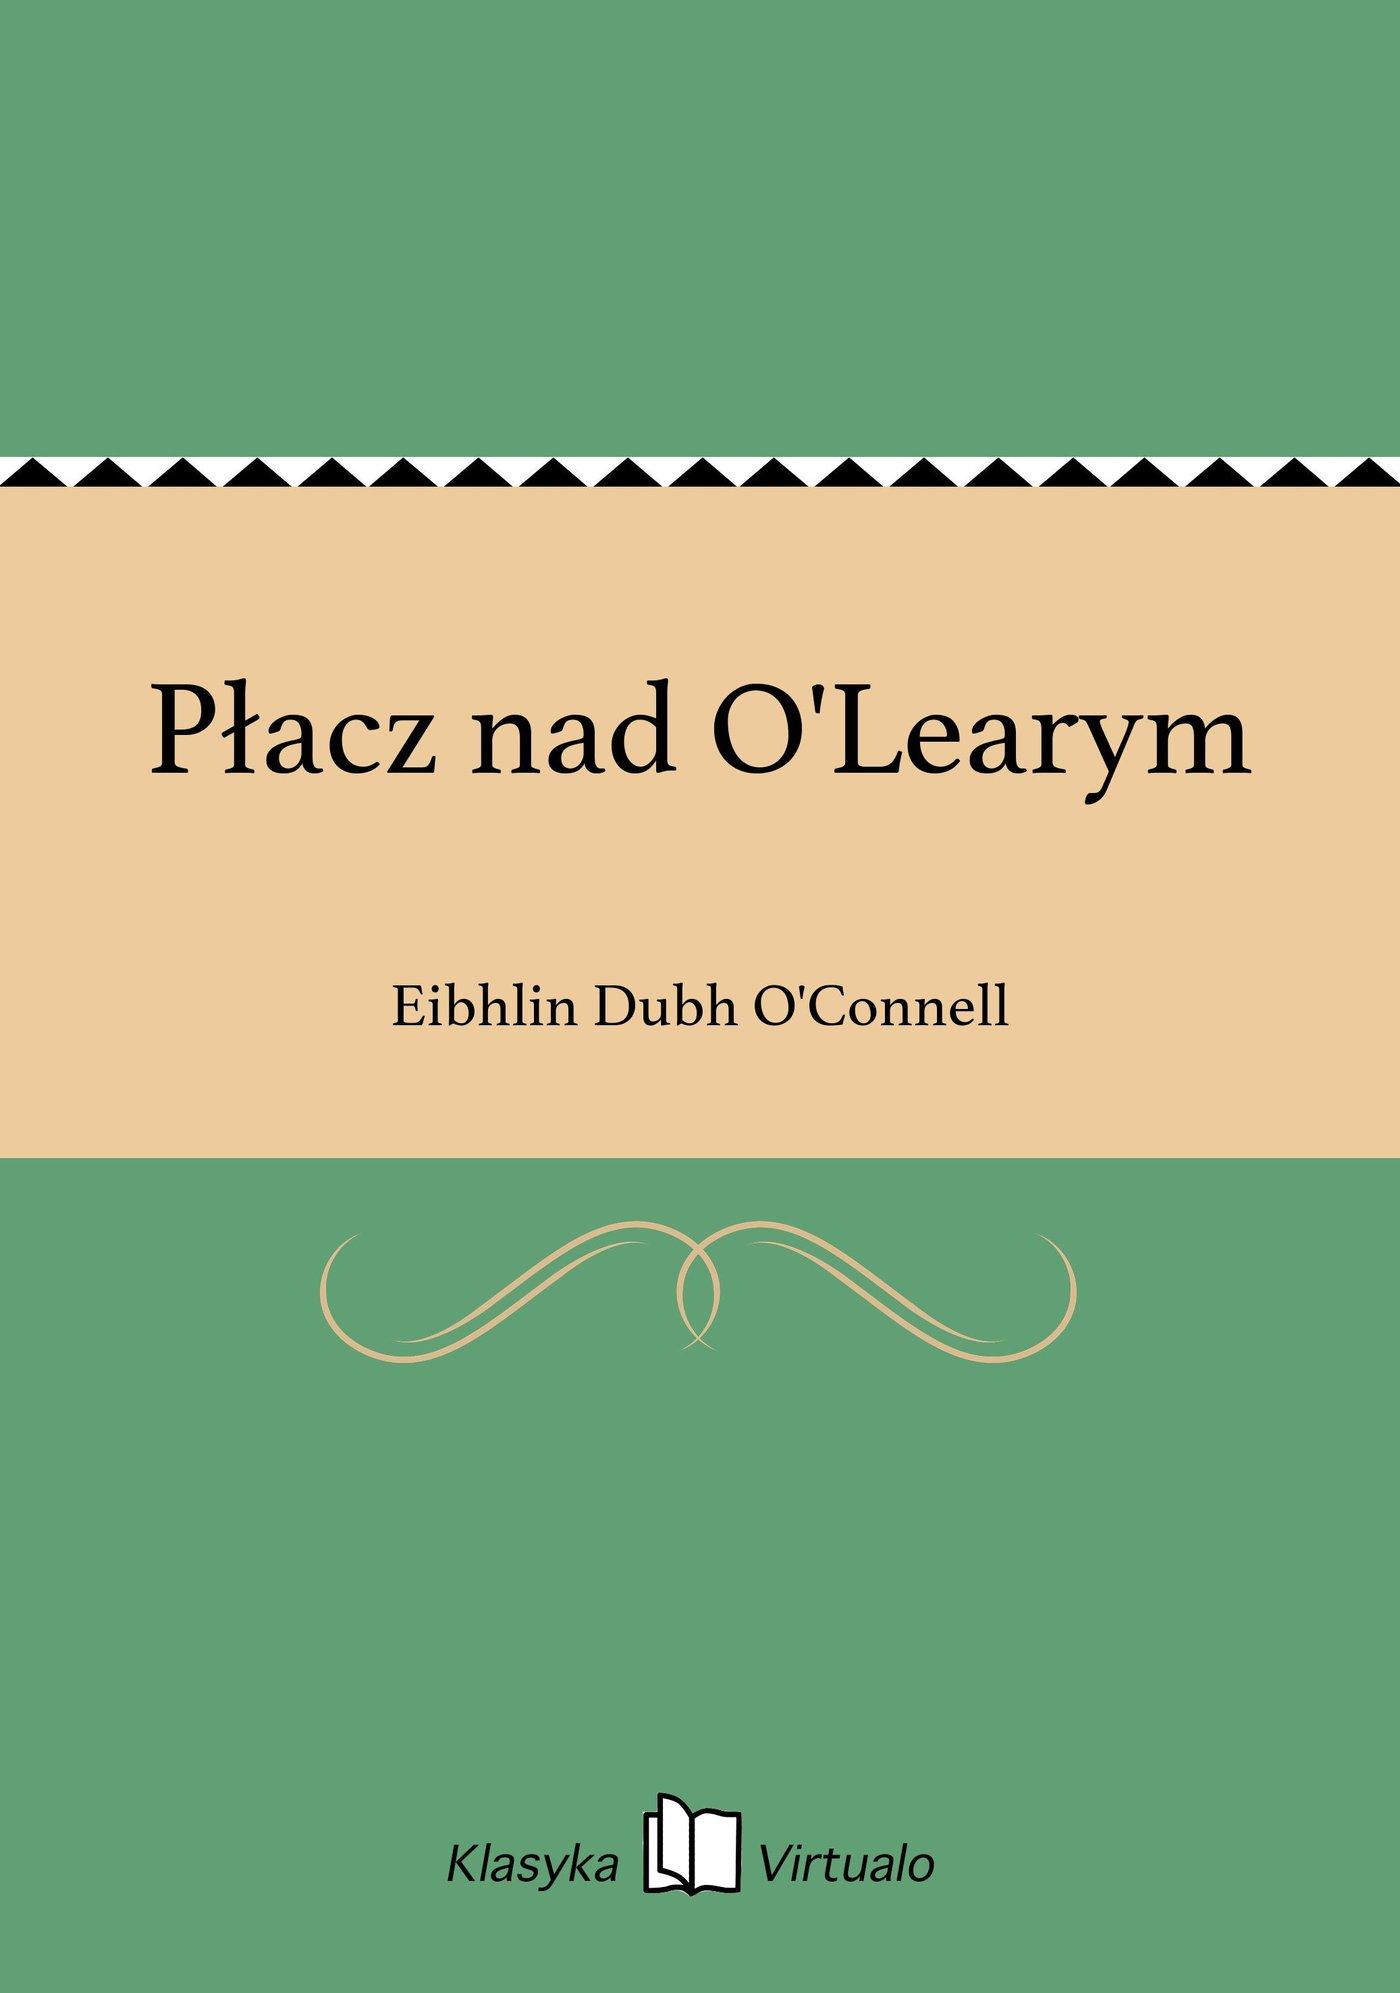 Płacz nad O'Learym - Ebook (Książka EPUB) do pobrania w formacie EPUB